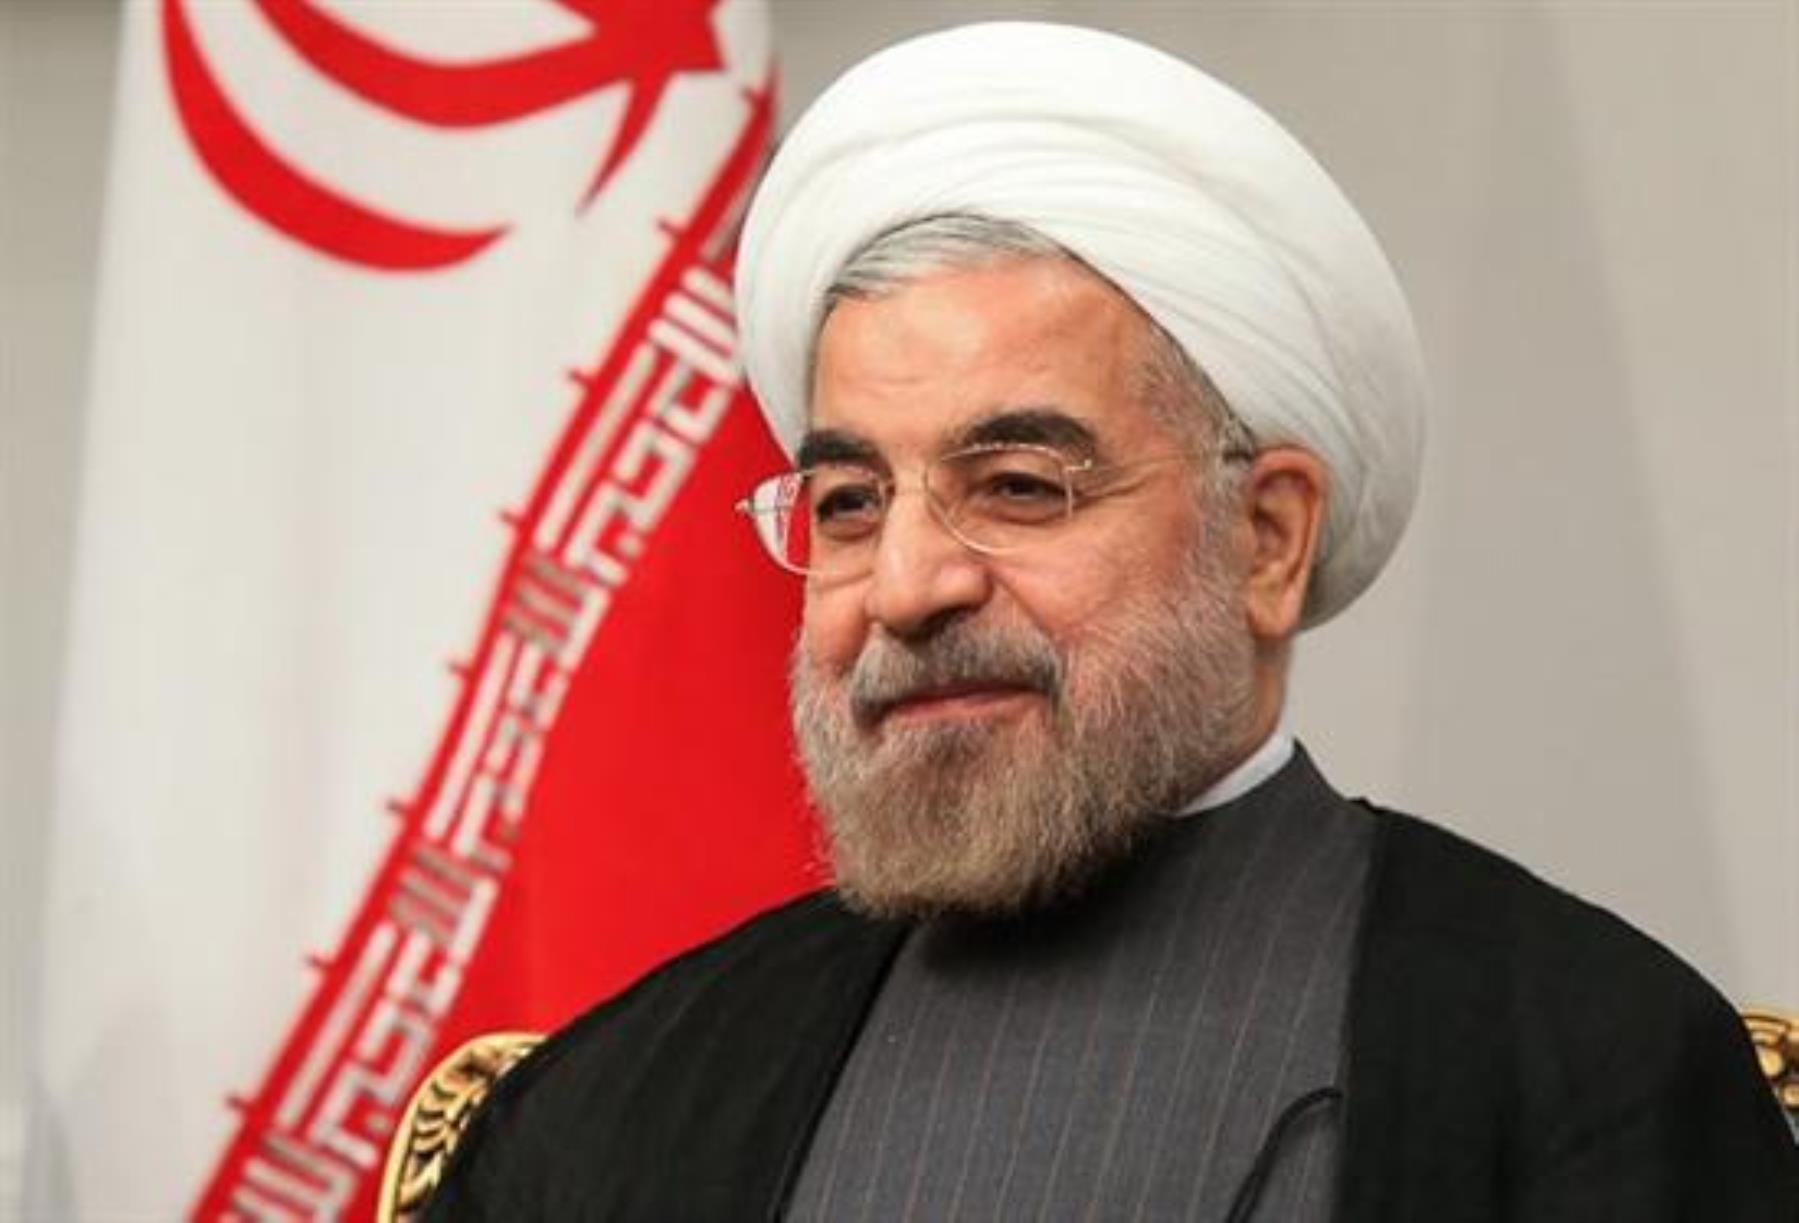 دولت آمریکا همیشگی نیست اما تاریخ و رابطه ملتهای ایران و اتریش همیشگی است